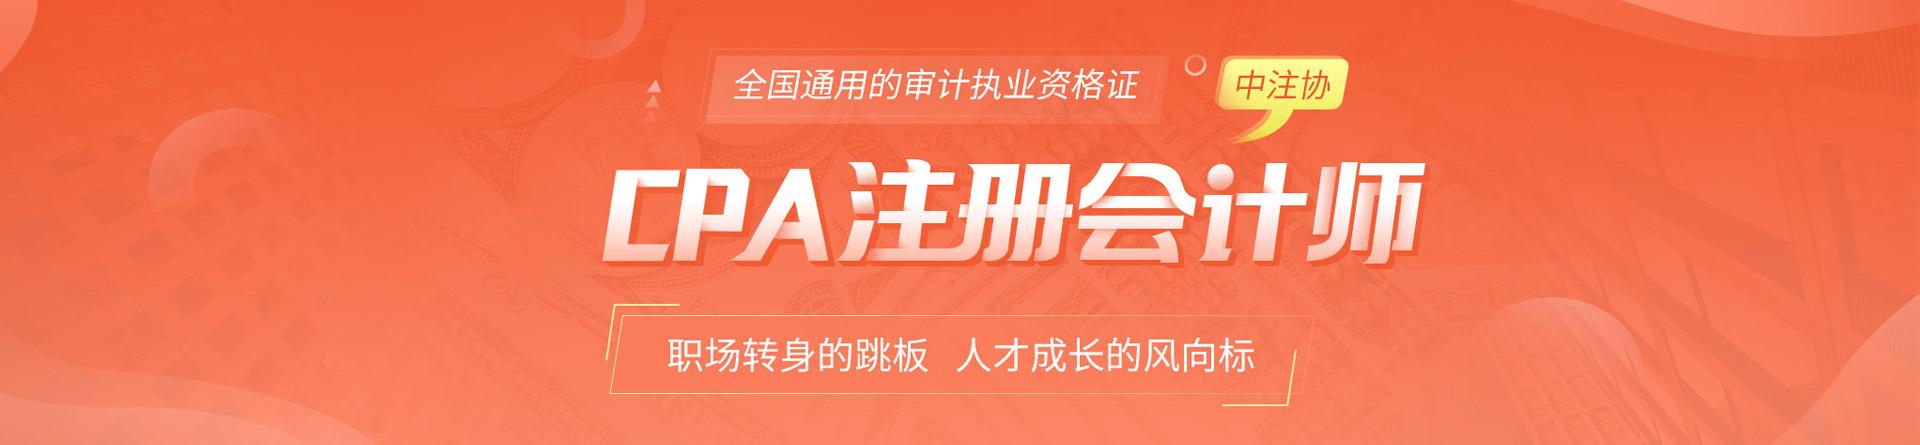 武汉藏龙岛高顿财经教育学校